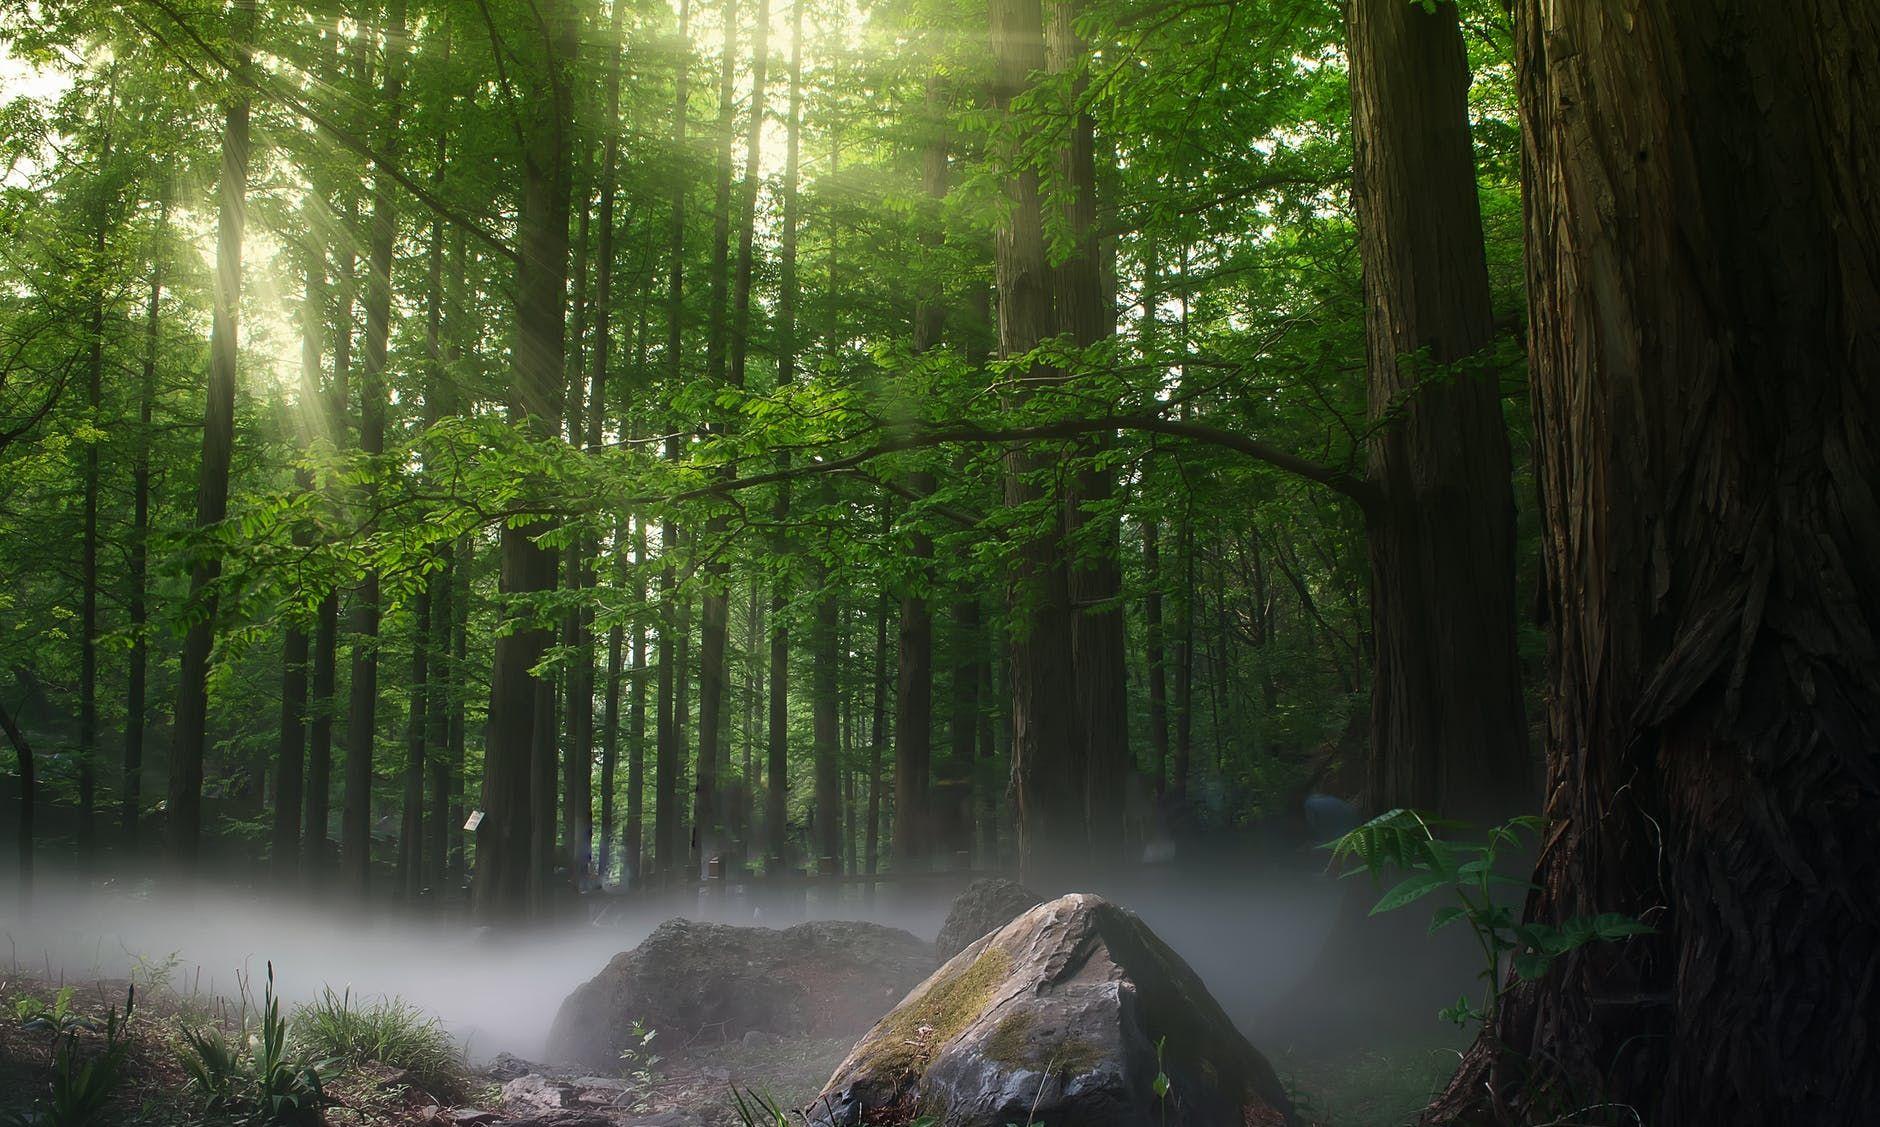 大自然森林风景图片桌面壁纸